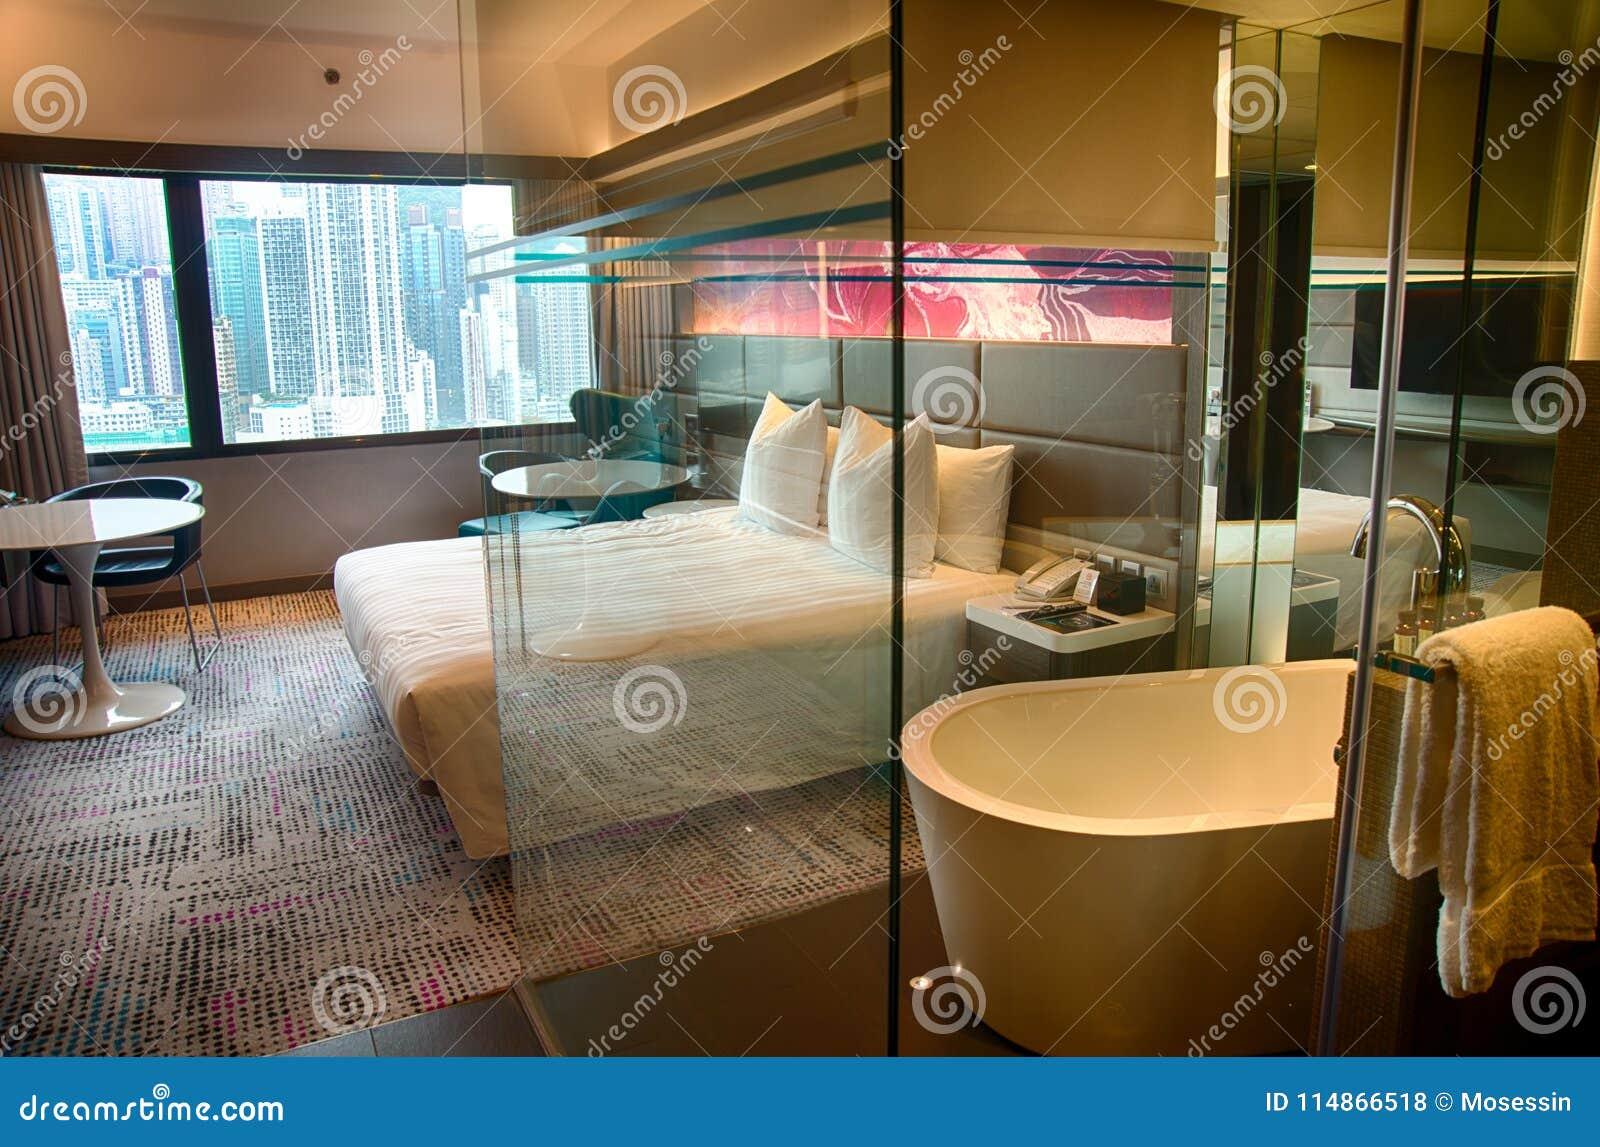 Vasca Da Bagno Nella Camera Da Letto : Assista la vasca da bagno della camera da letto dell appartamento